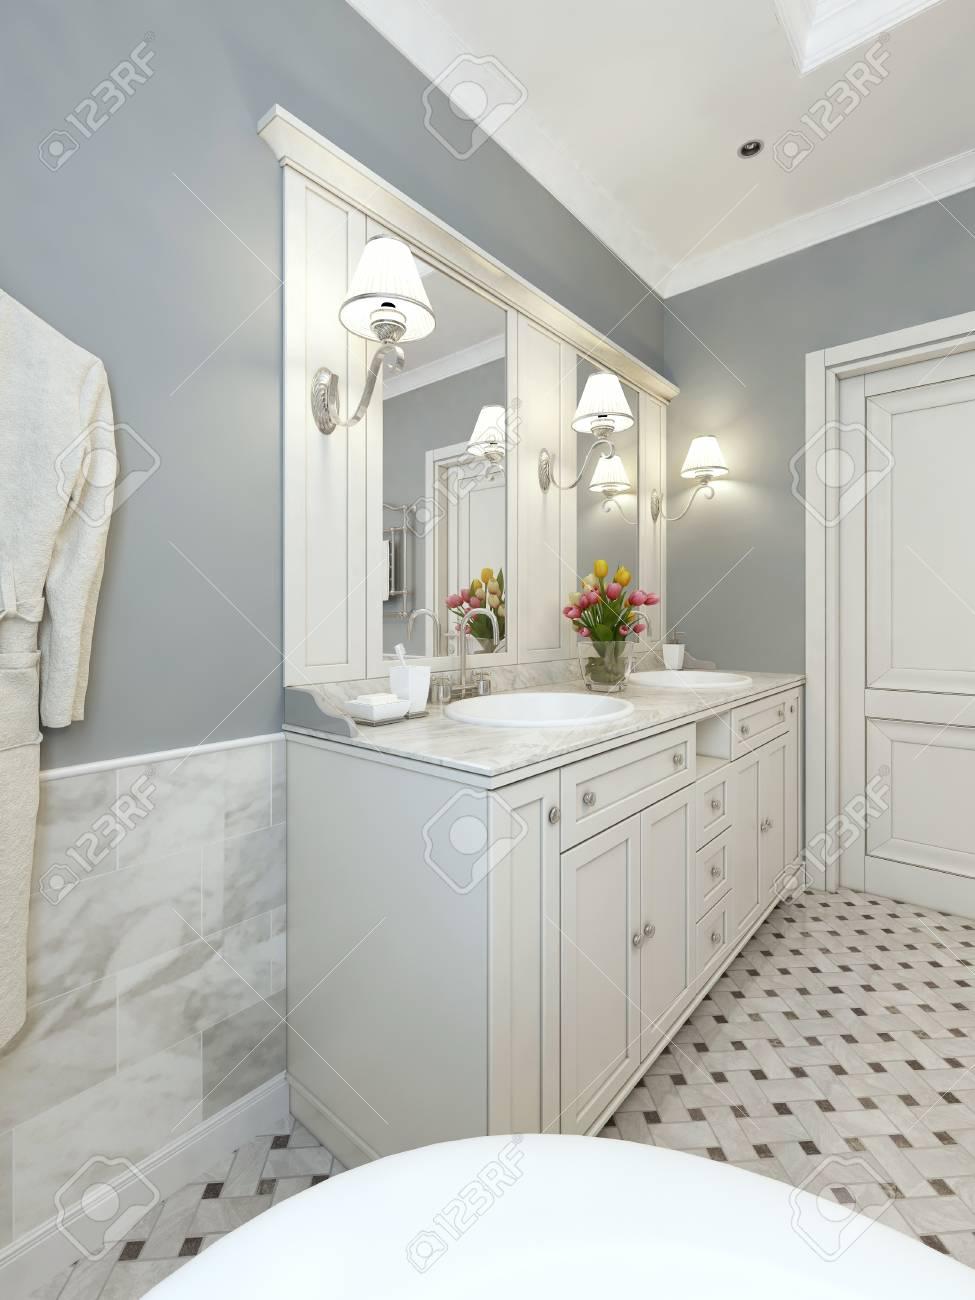 Lumineuse salle de bains de style Art déco. 3d render